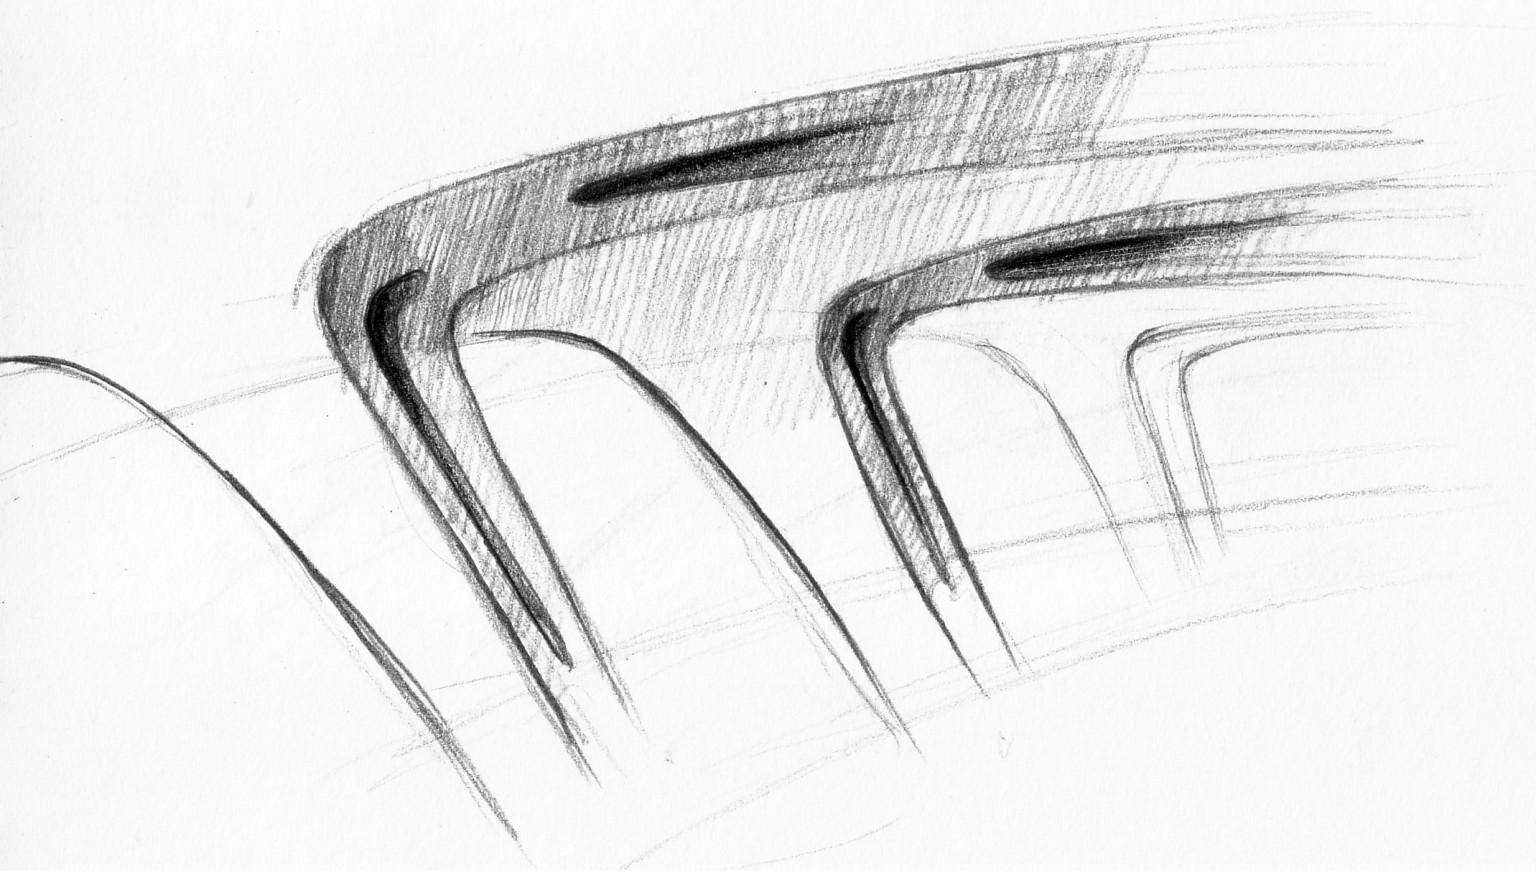 calatrava1-1536x871